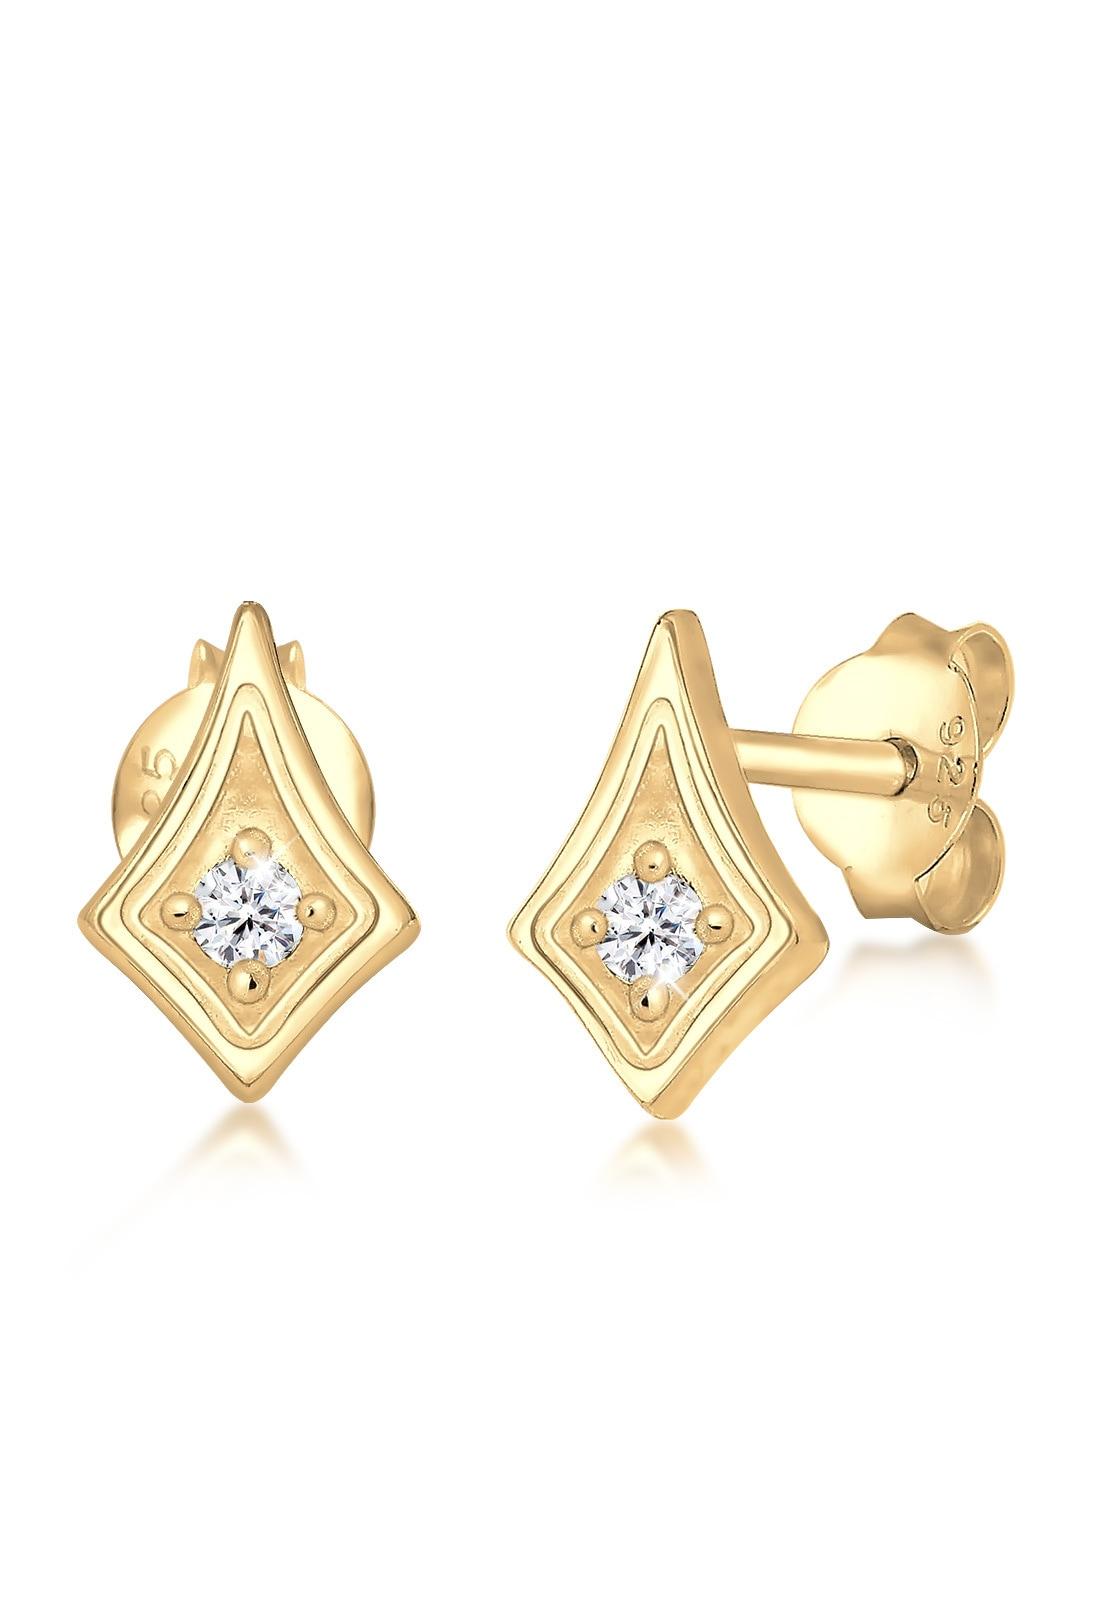 Elli Paar Ohrstecker Studs Astro Swarovski Kristalle Trend 925 Silber | Schmuck > Ohrschmuck & Ohrringe > Ohrstecker | Goldfarben | Elli